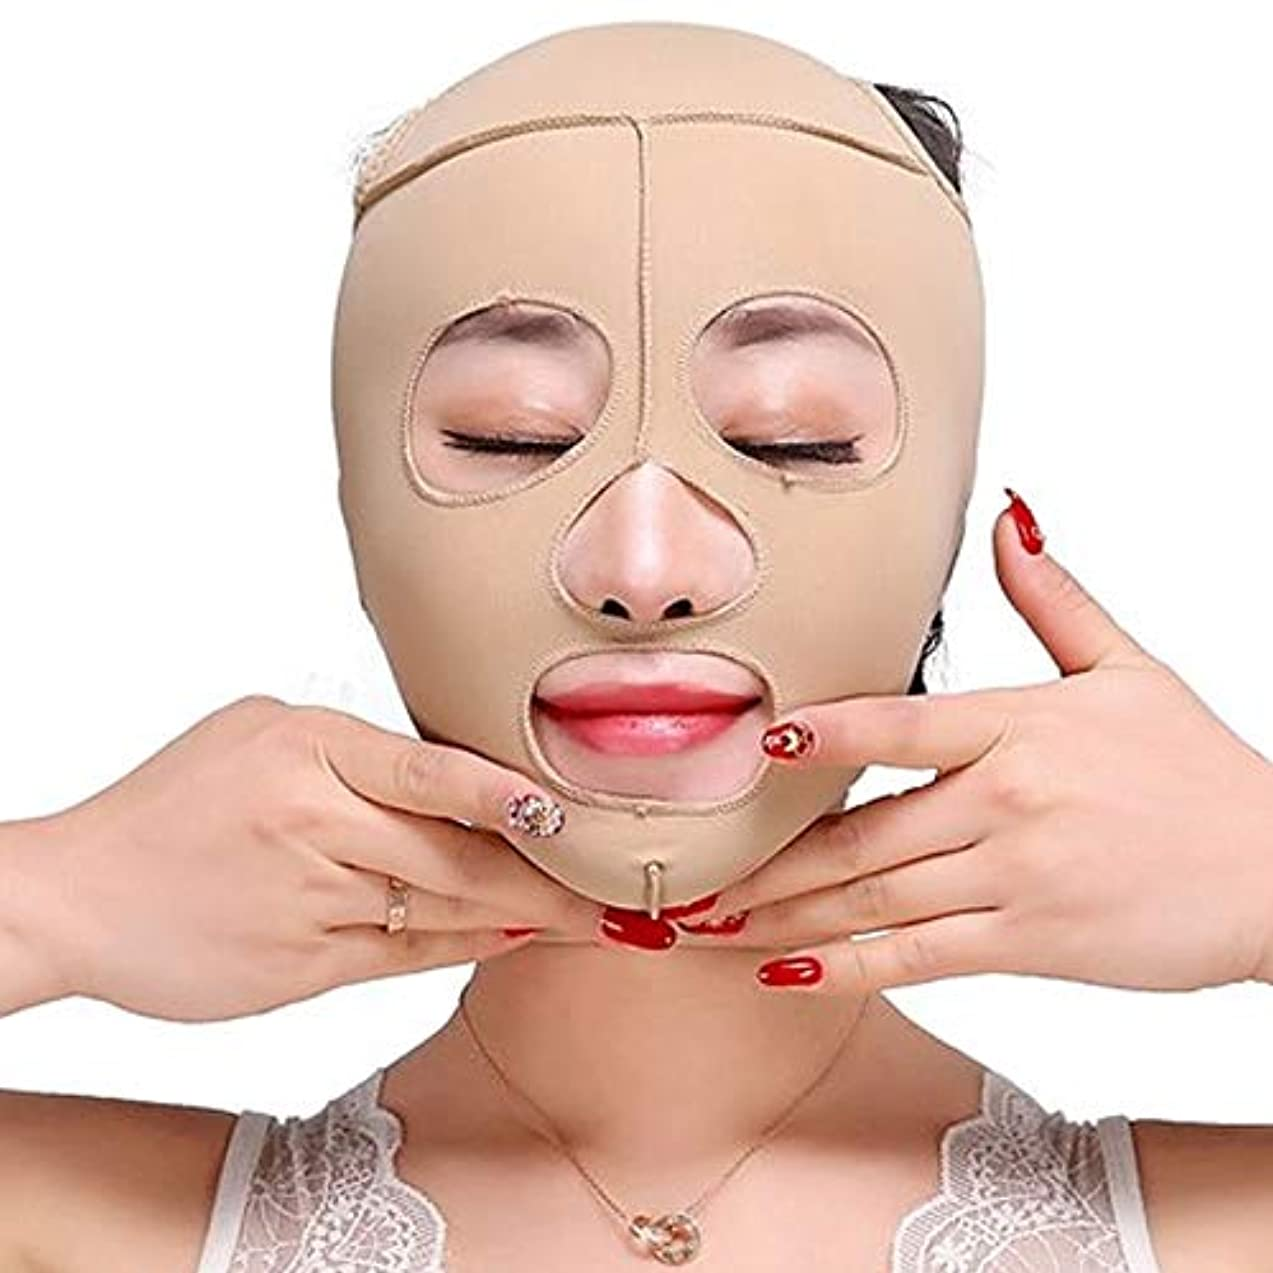 トロリーバス薄いディスコJia Jia- フェイスリフティングアーティファクト睡眠薄い顔顔の顔薄い顔V顔マスク二重あご薄い顔包帯肌色 顔面包帯 (サイズ さいず : XL)